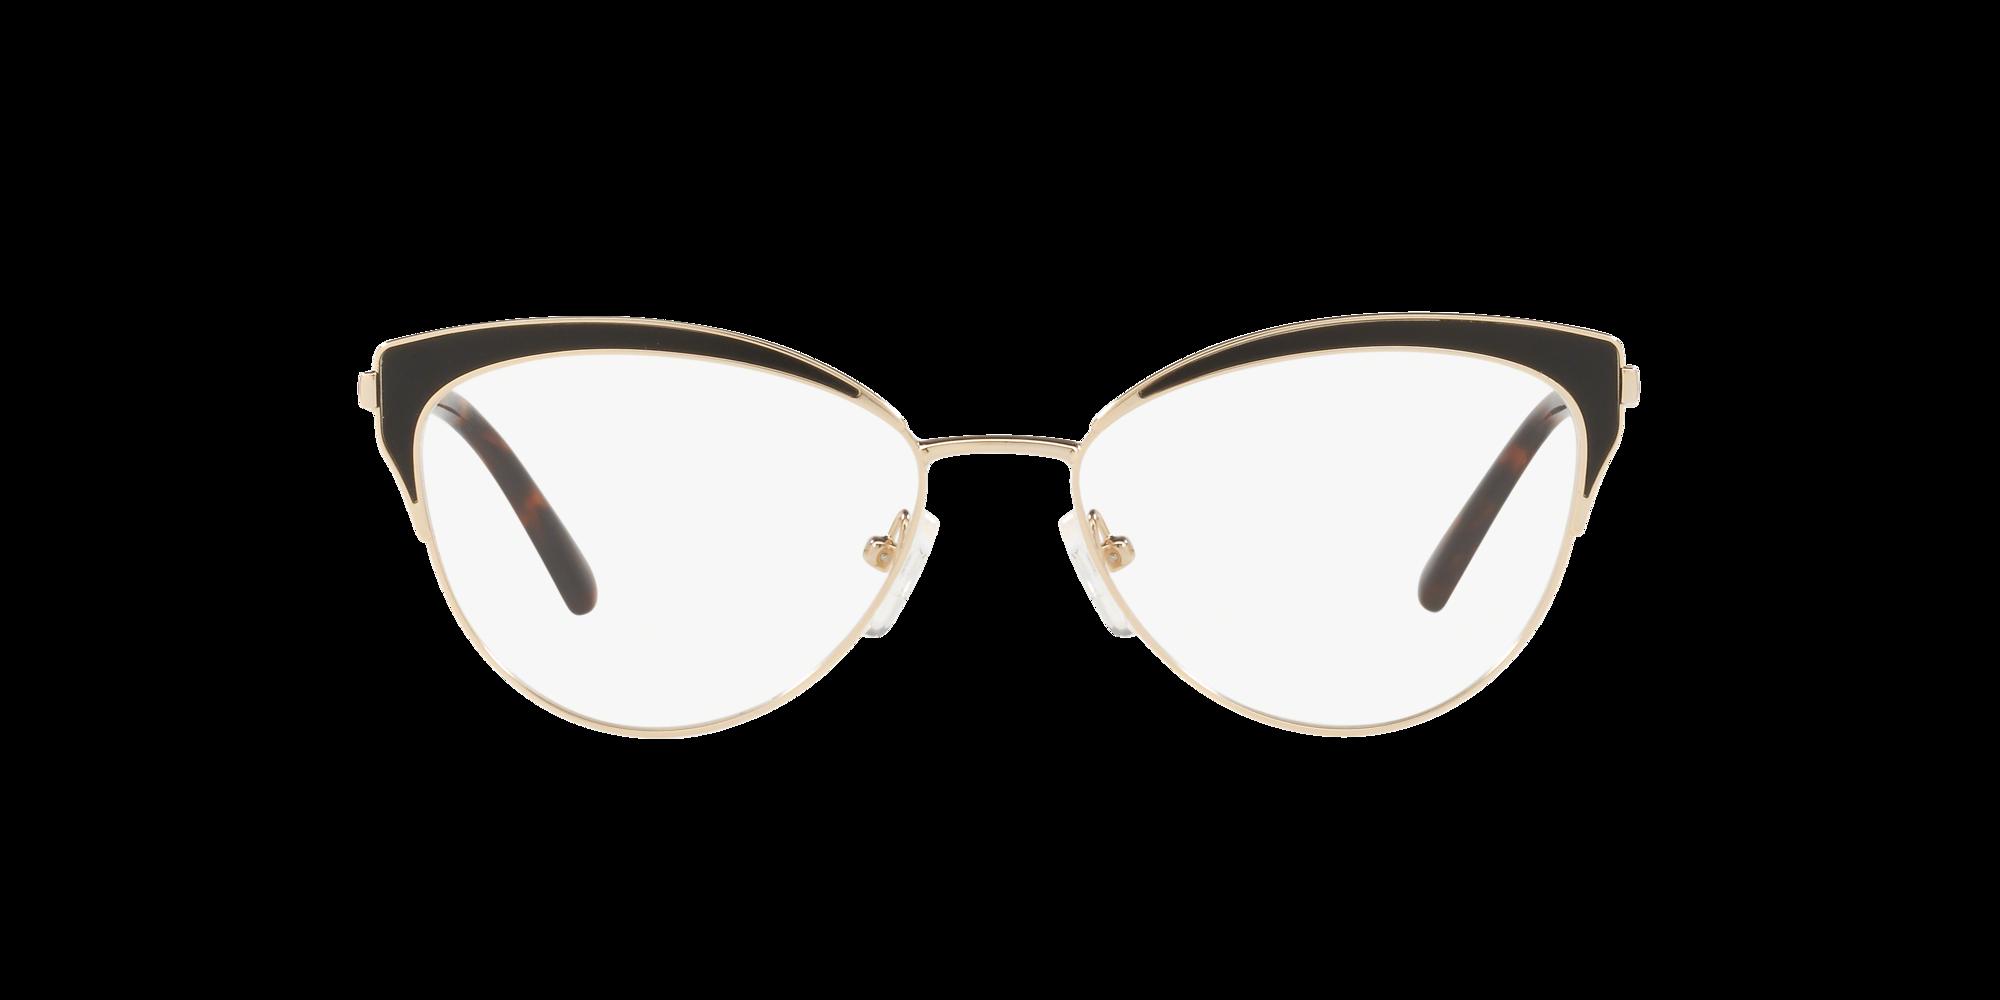 Imagen para MK3031 WYNWOOD de LensCrafters |  Espejuelos, espejuelos graduados en línea, gafas